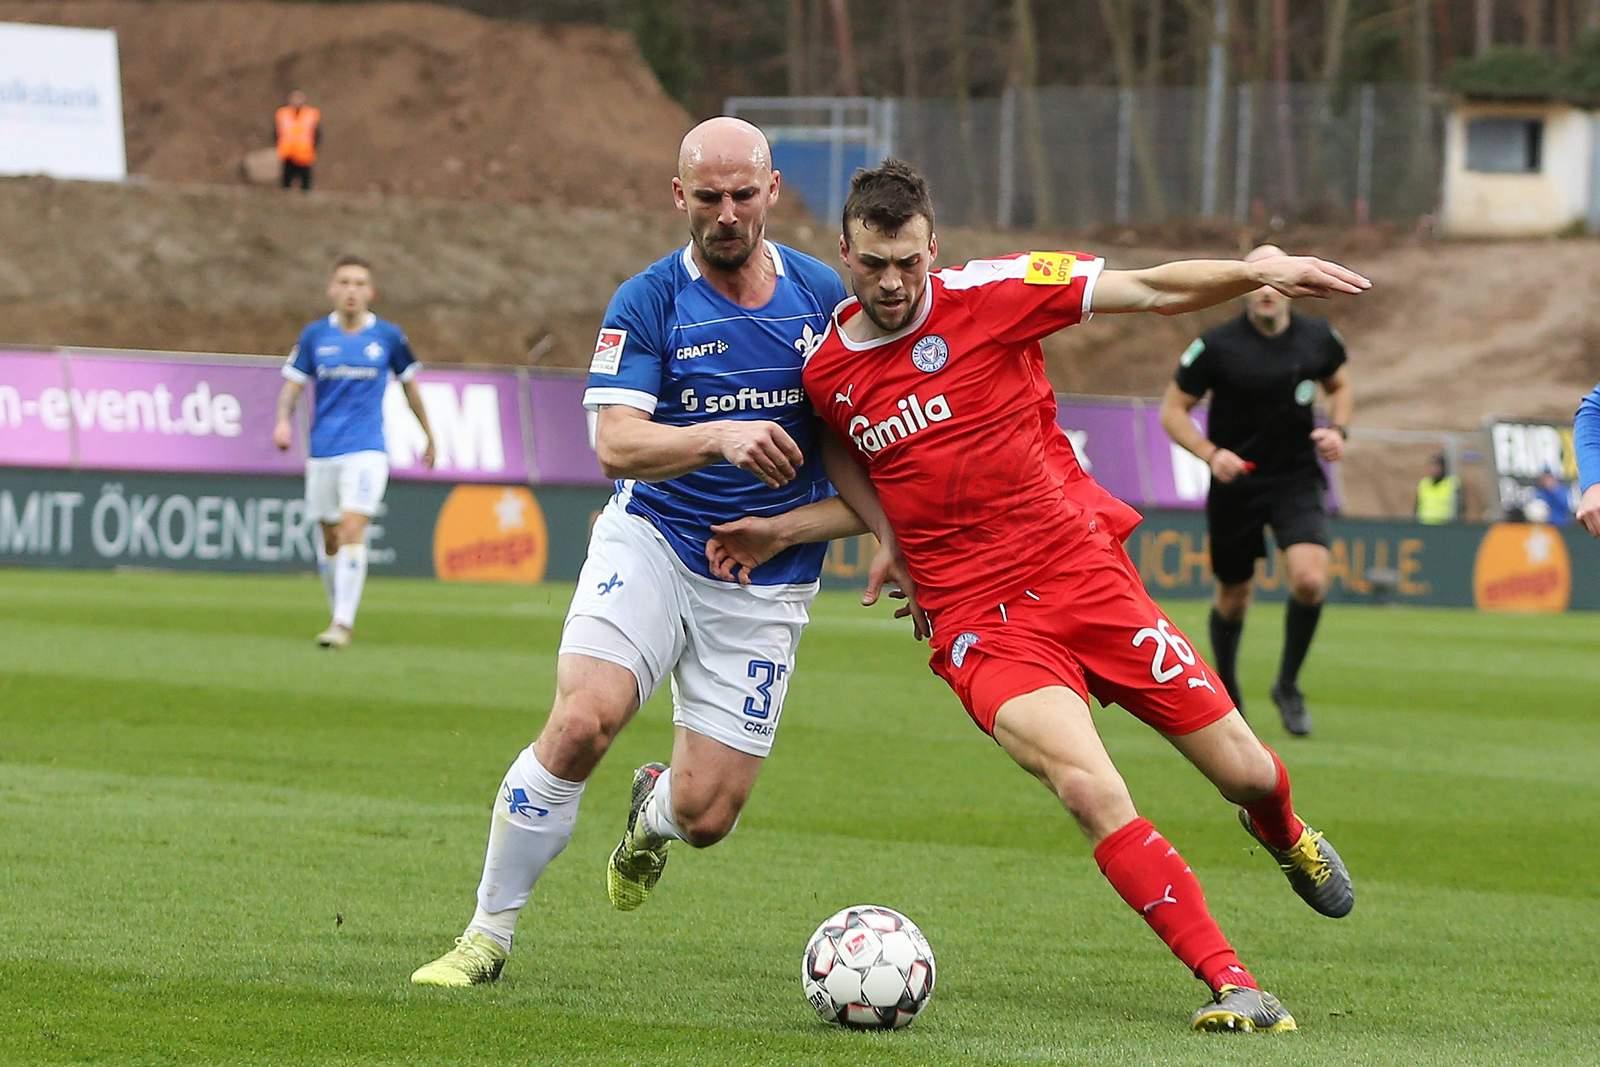 Patrick Herrmann (l.) gegen Jonas Meffert. Jetzt auf Darmstadt 98 gegen Holstein Kiel wetten!